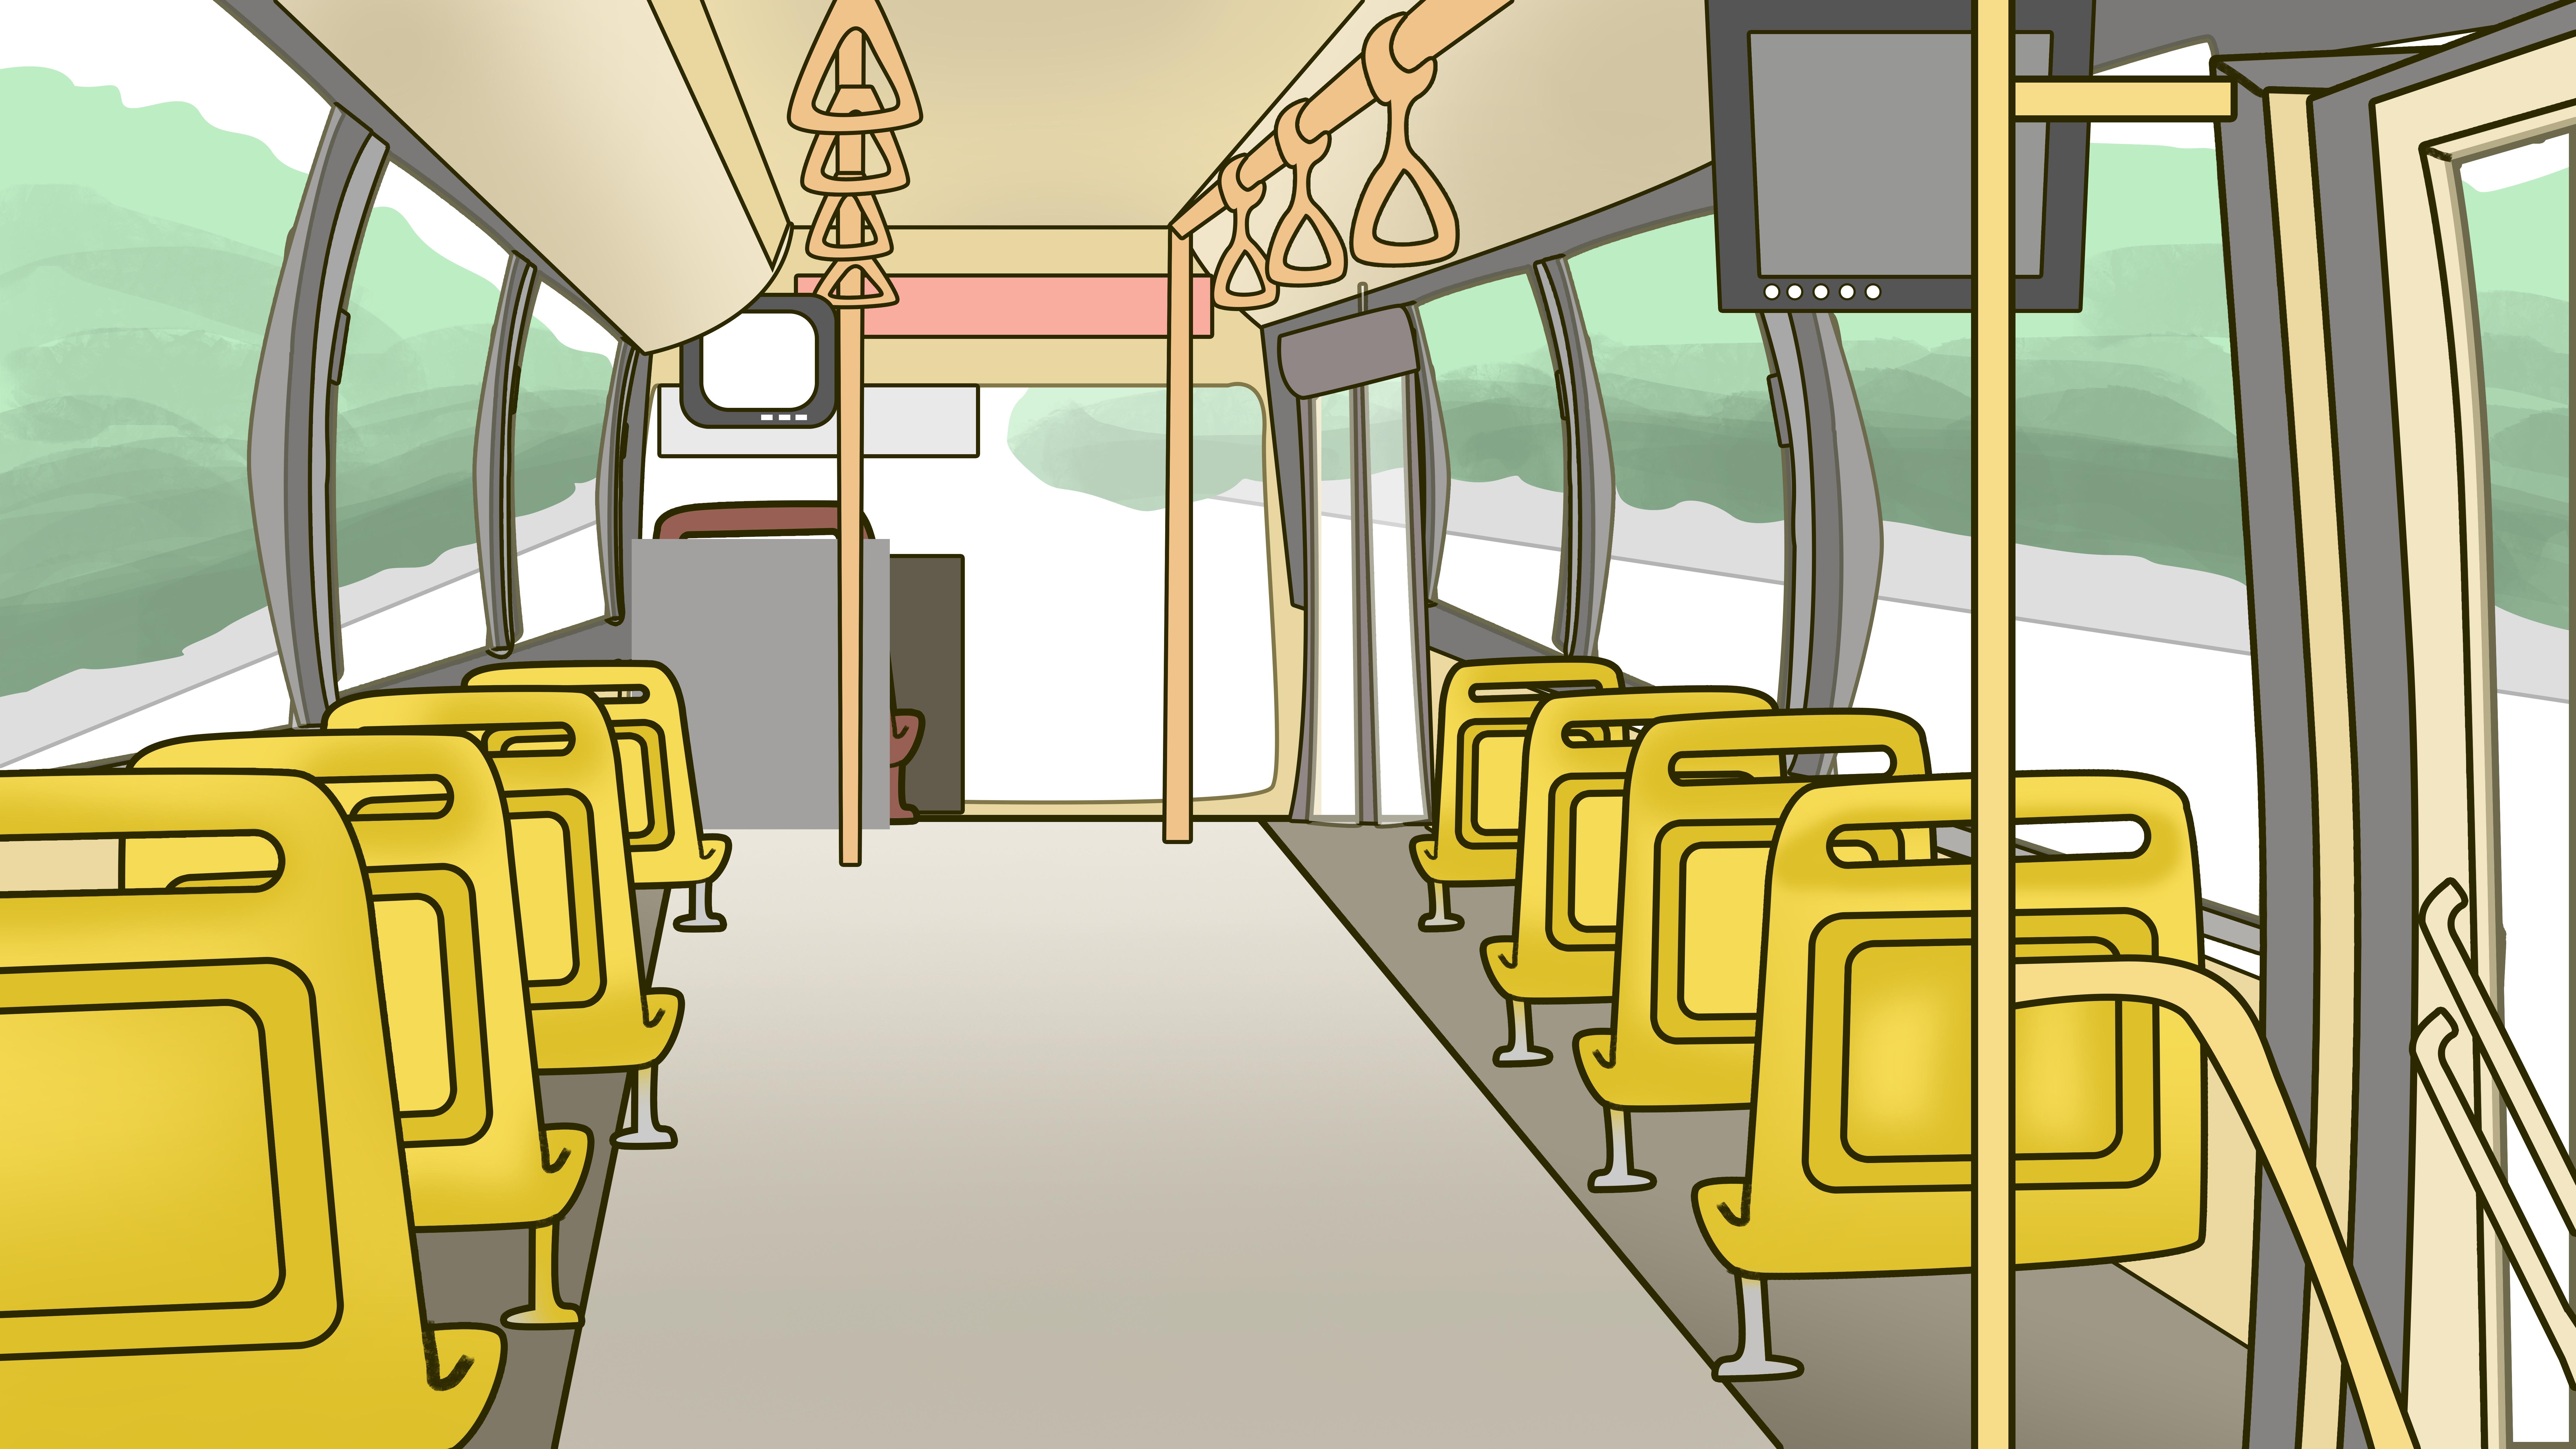 Автобус изнутри картинка этого